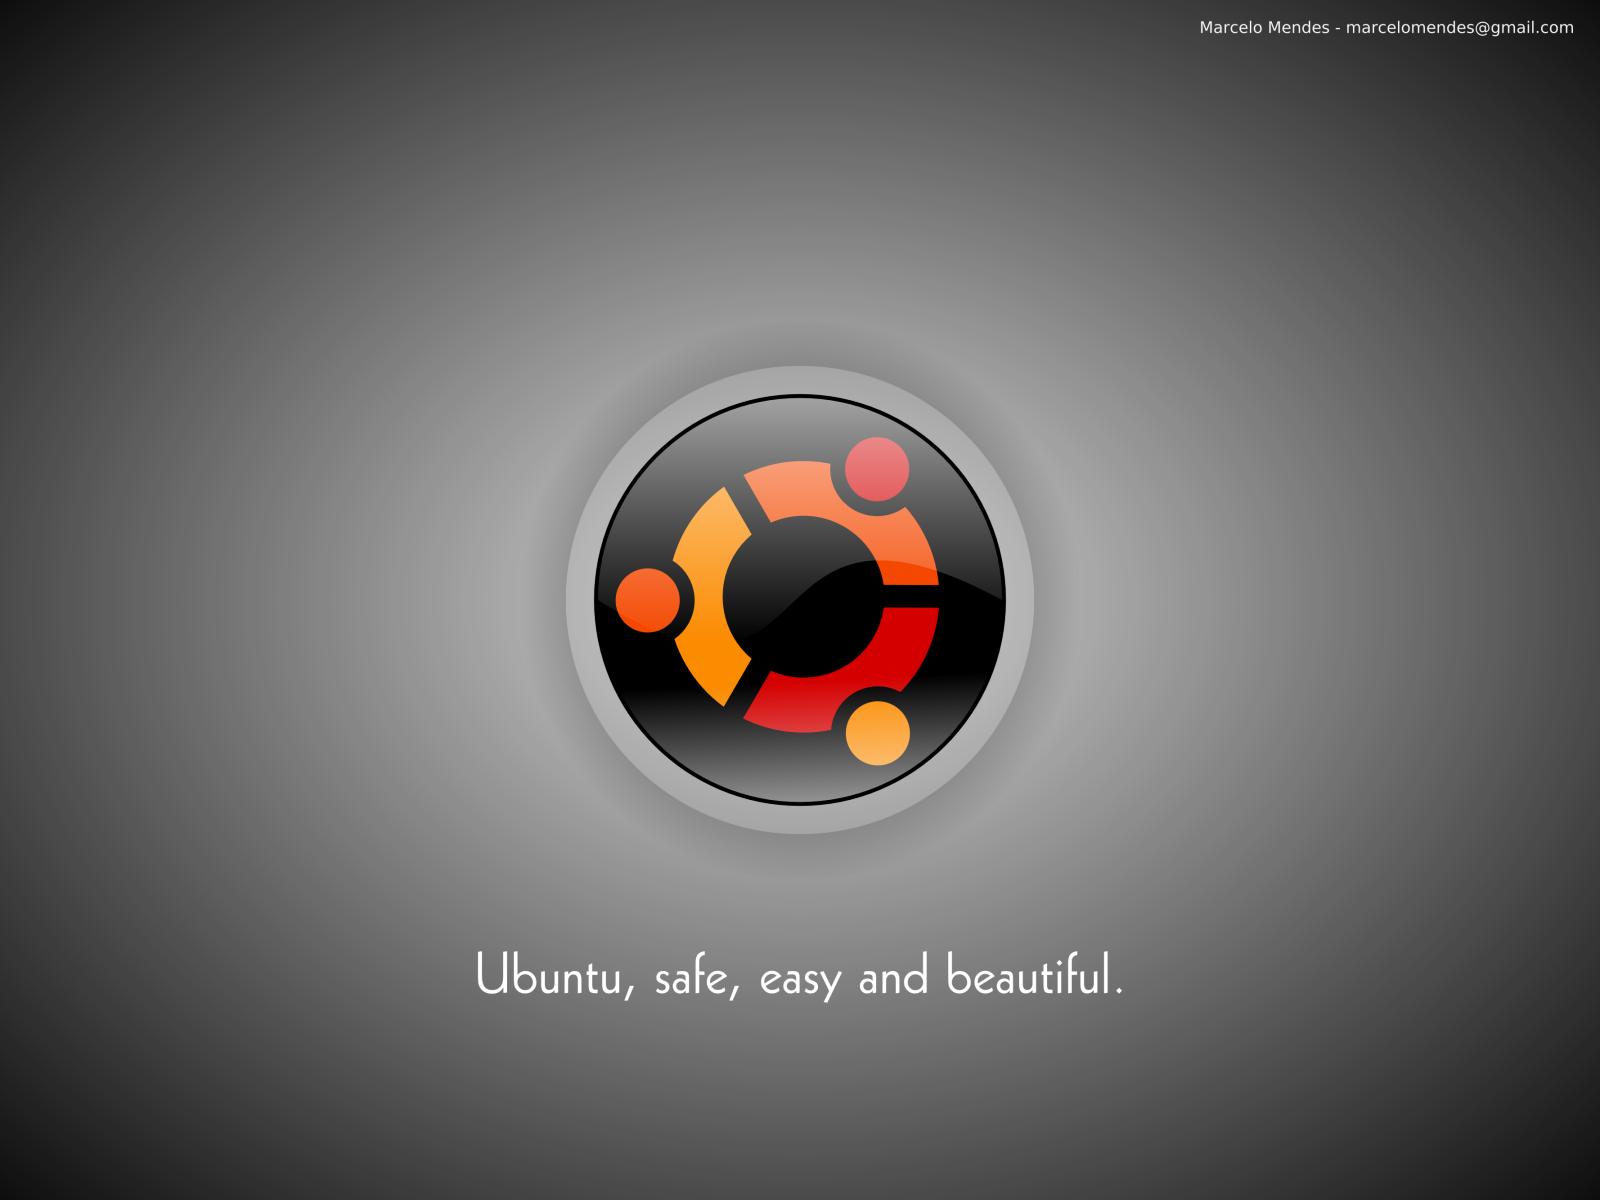 [Image: ubuntu-wallpaper-easy.png]